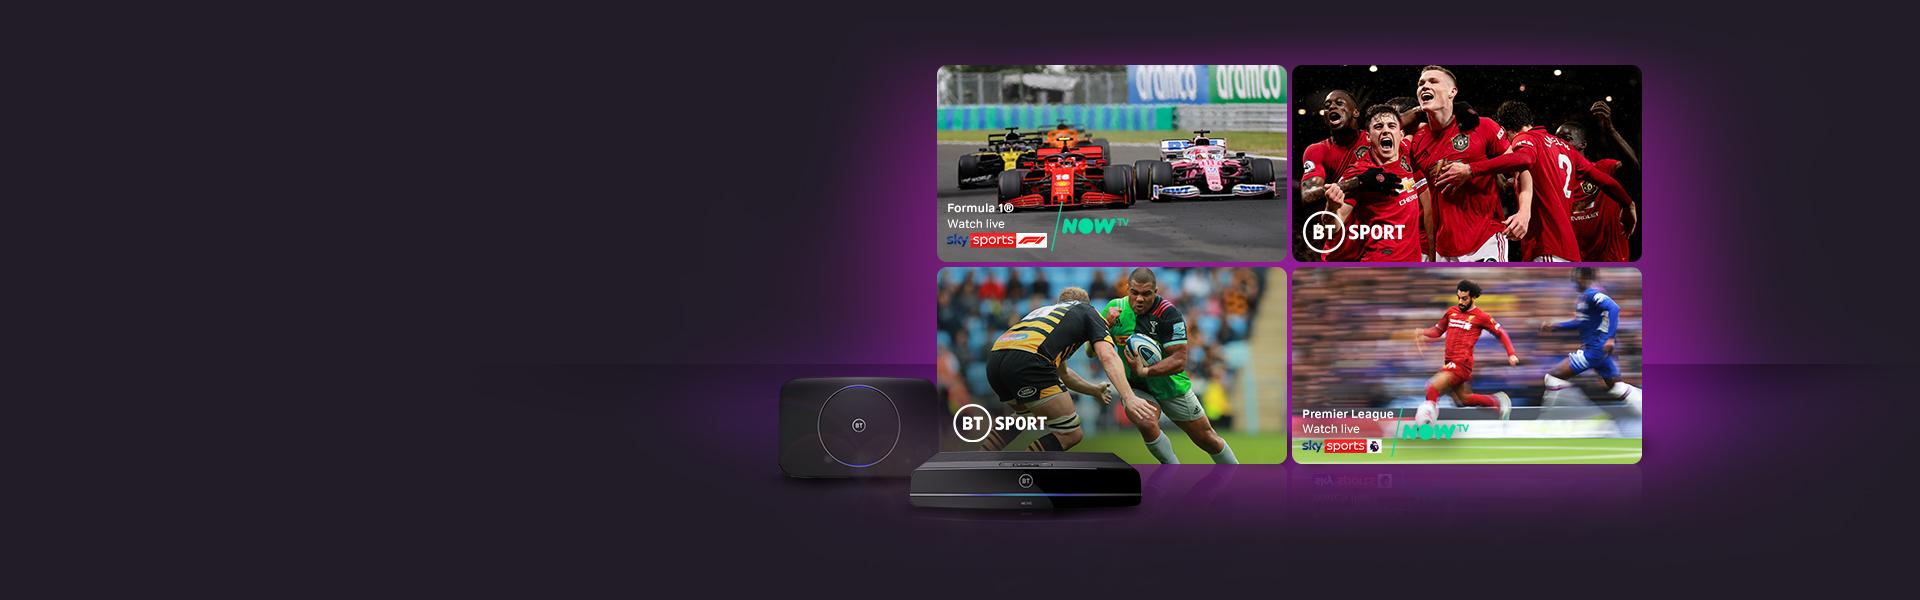 3 Month Now Tv Entertainment Uk Pass Fibre Broadband Tv Packages Bt Sport Mobile Deals Bt